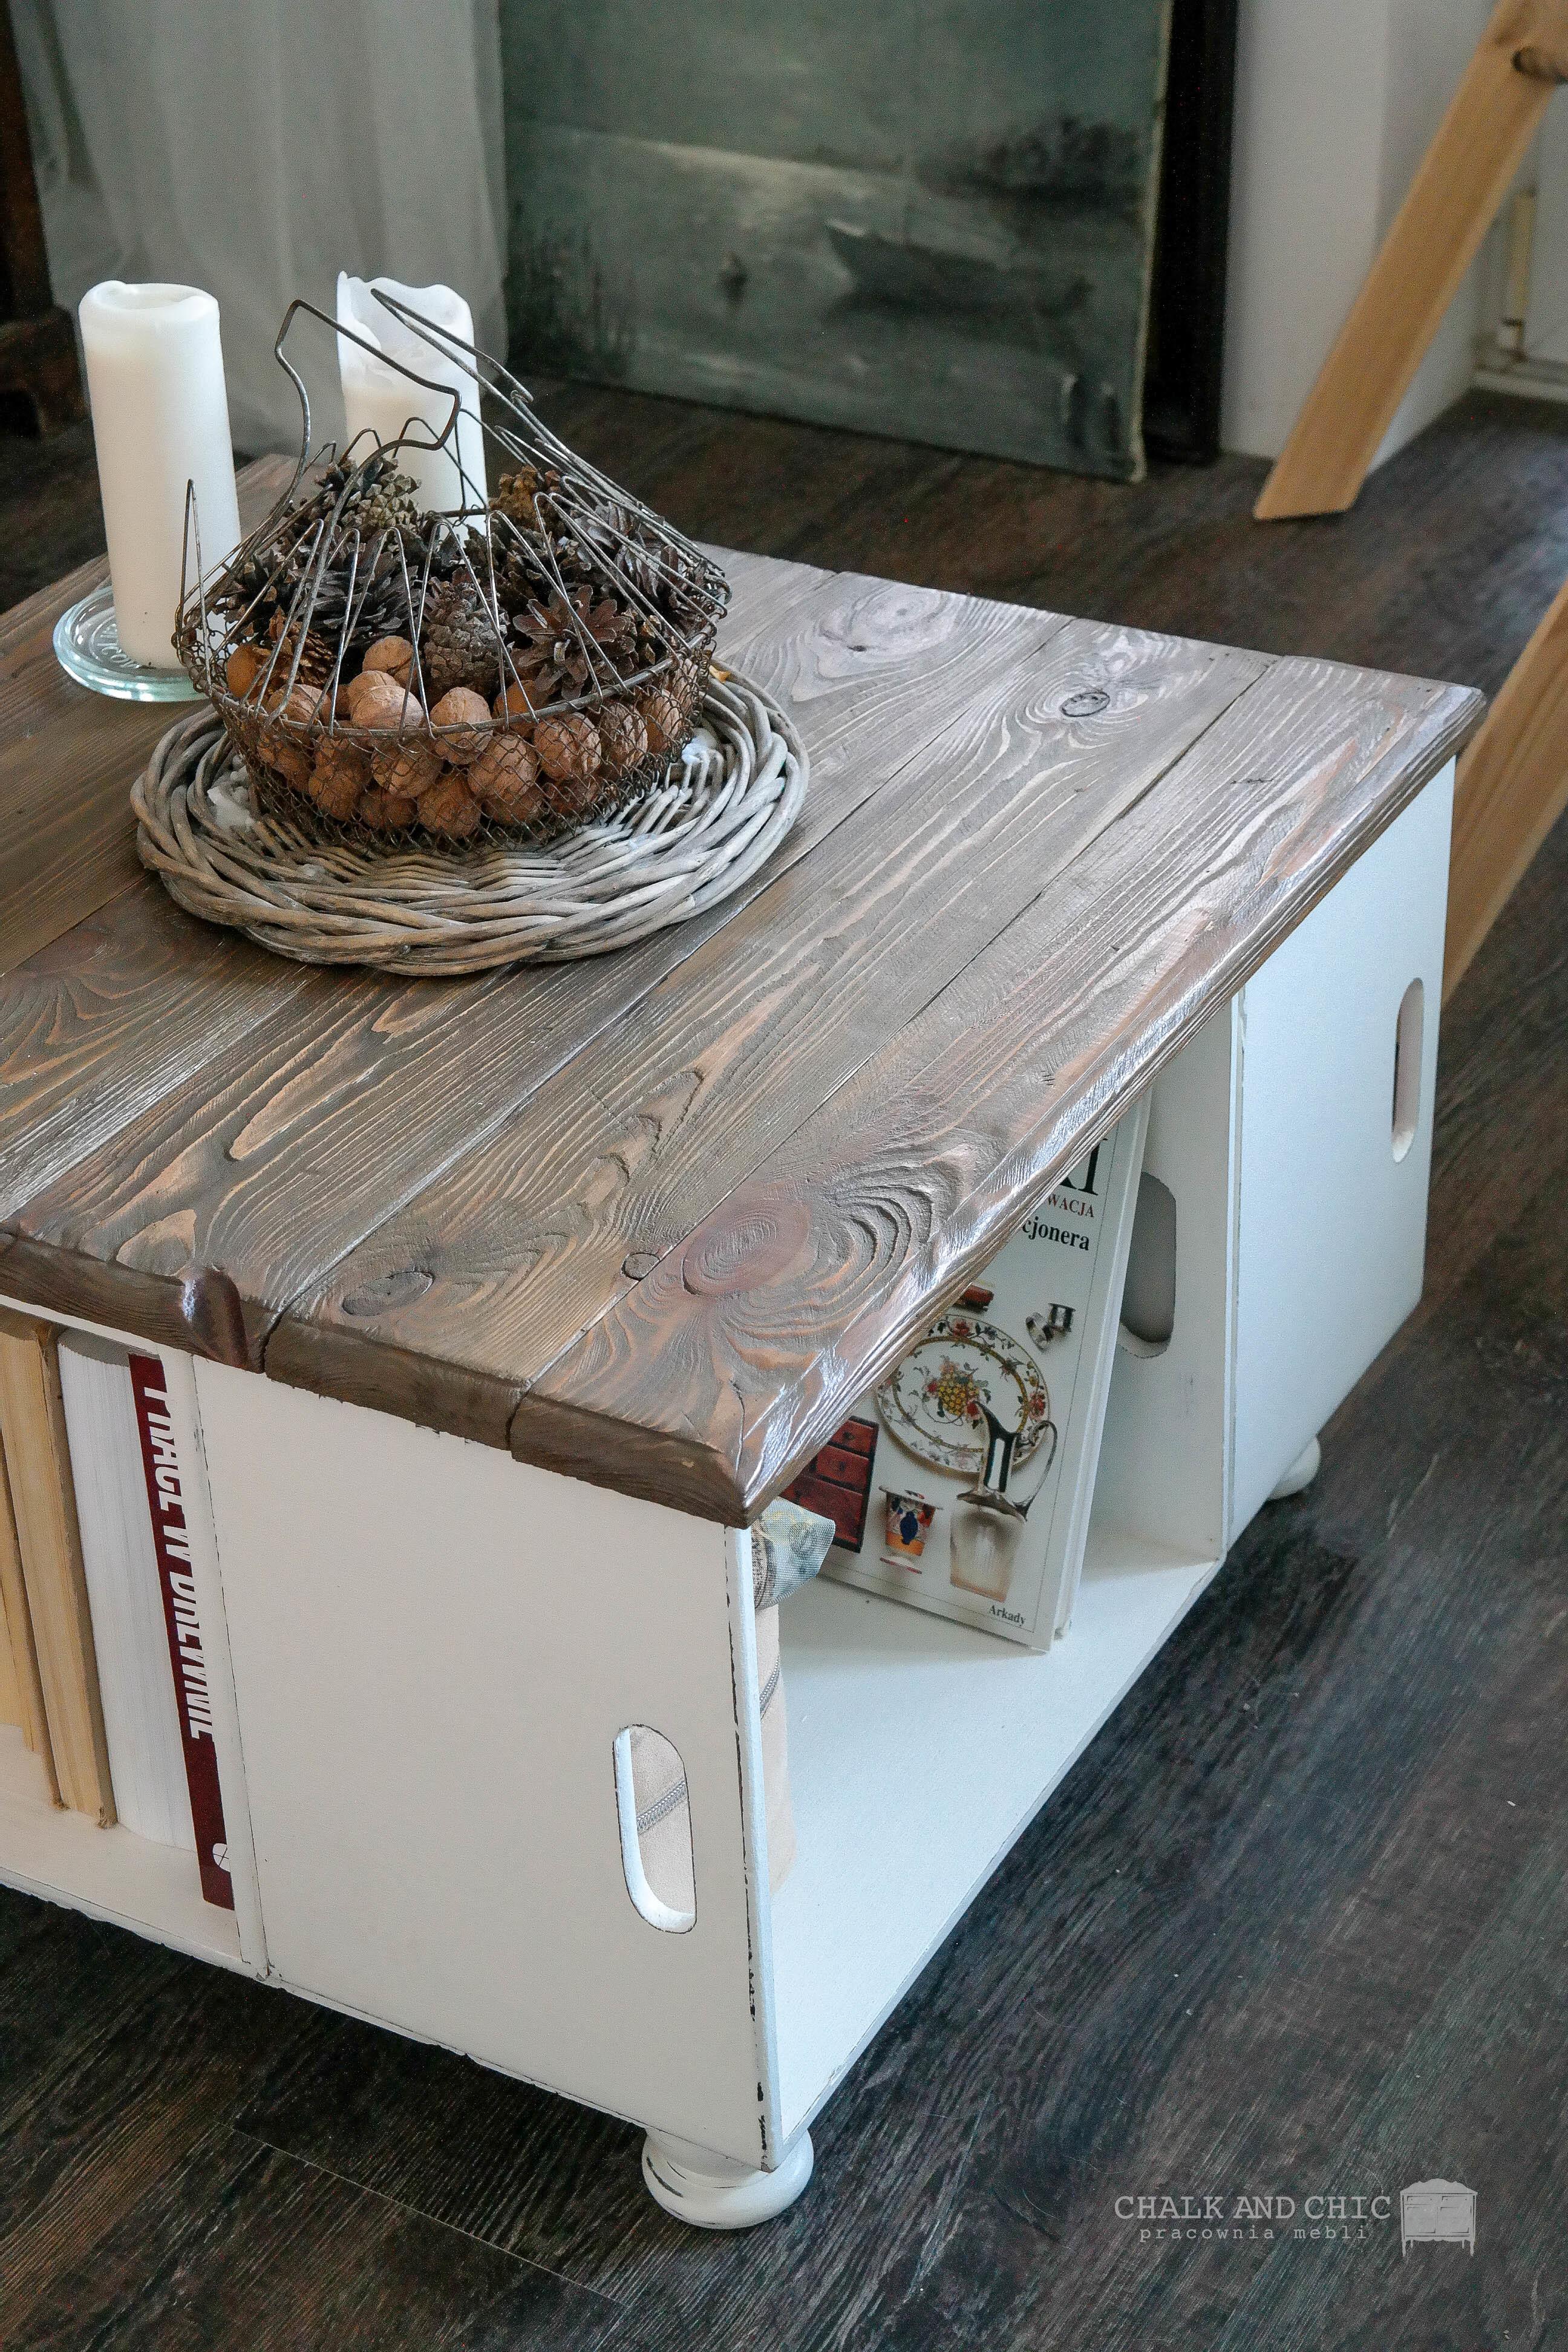 praownia renowacji mebli lublin